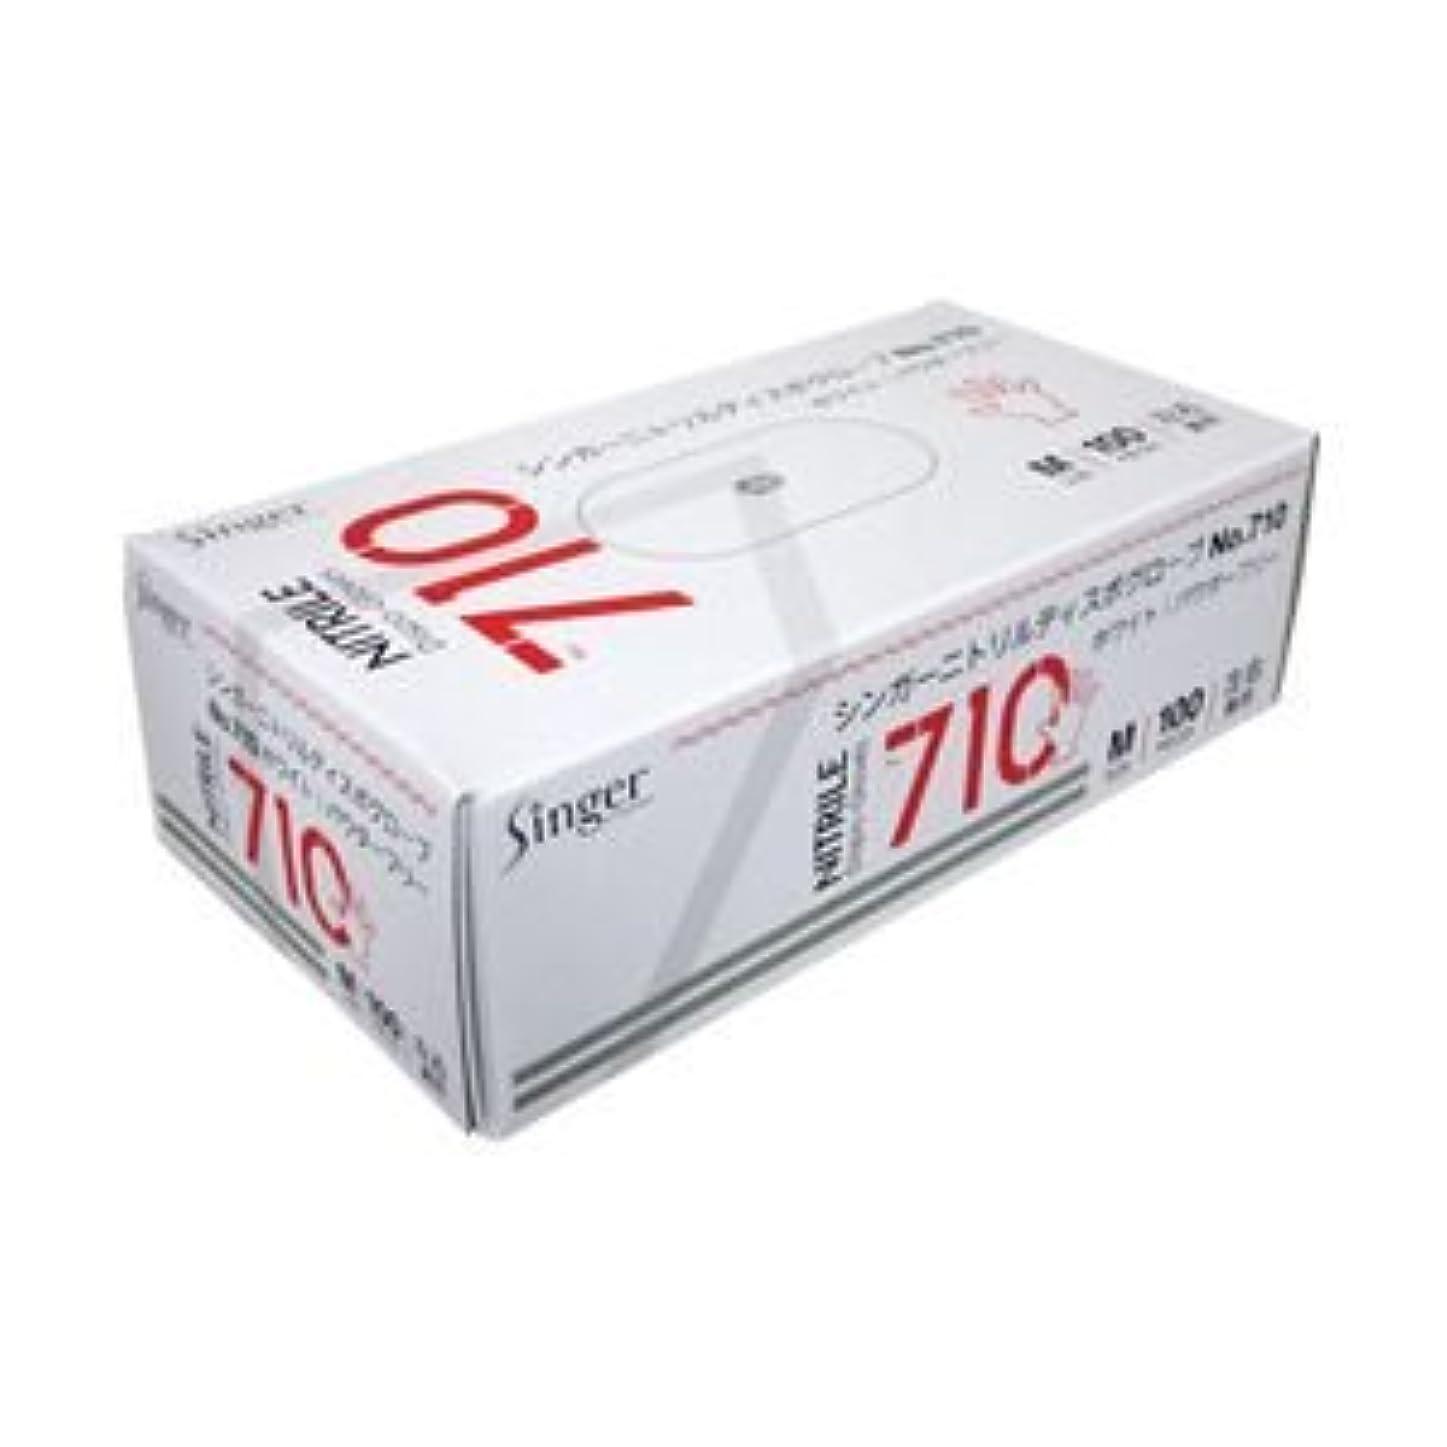 胃非常に怒っています神宇都宮製作 ニトリル手袋710 粉なし M 1箱(100枚) ×5セット